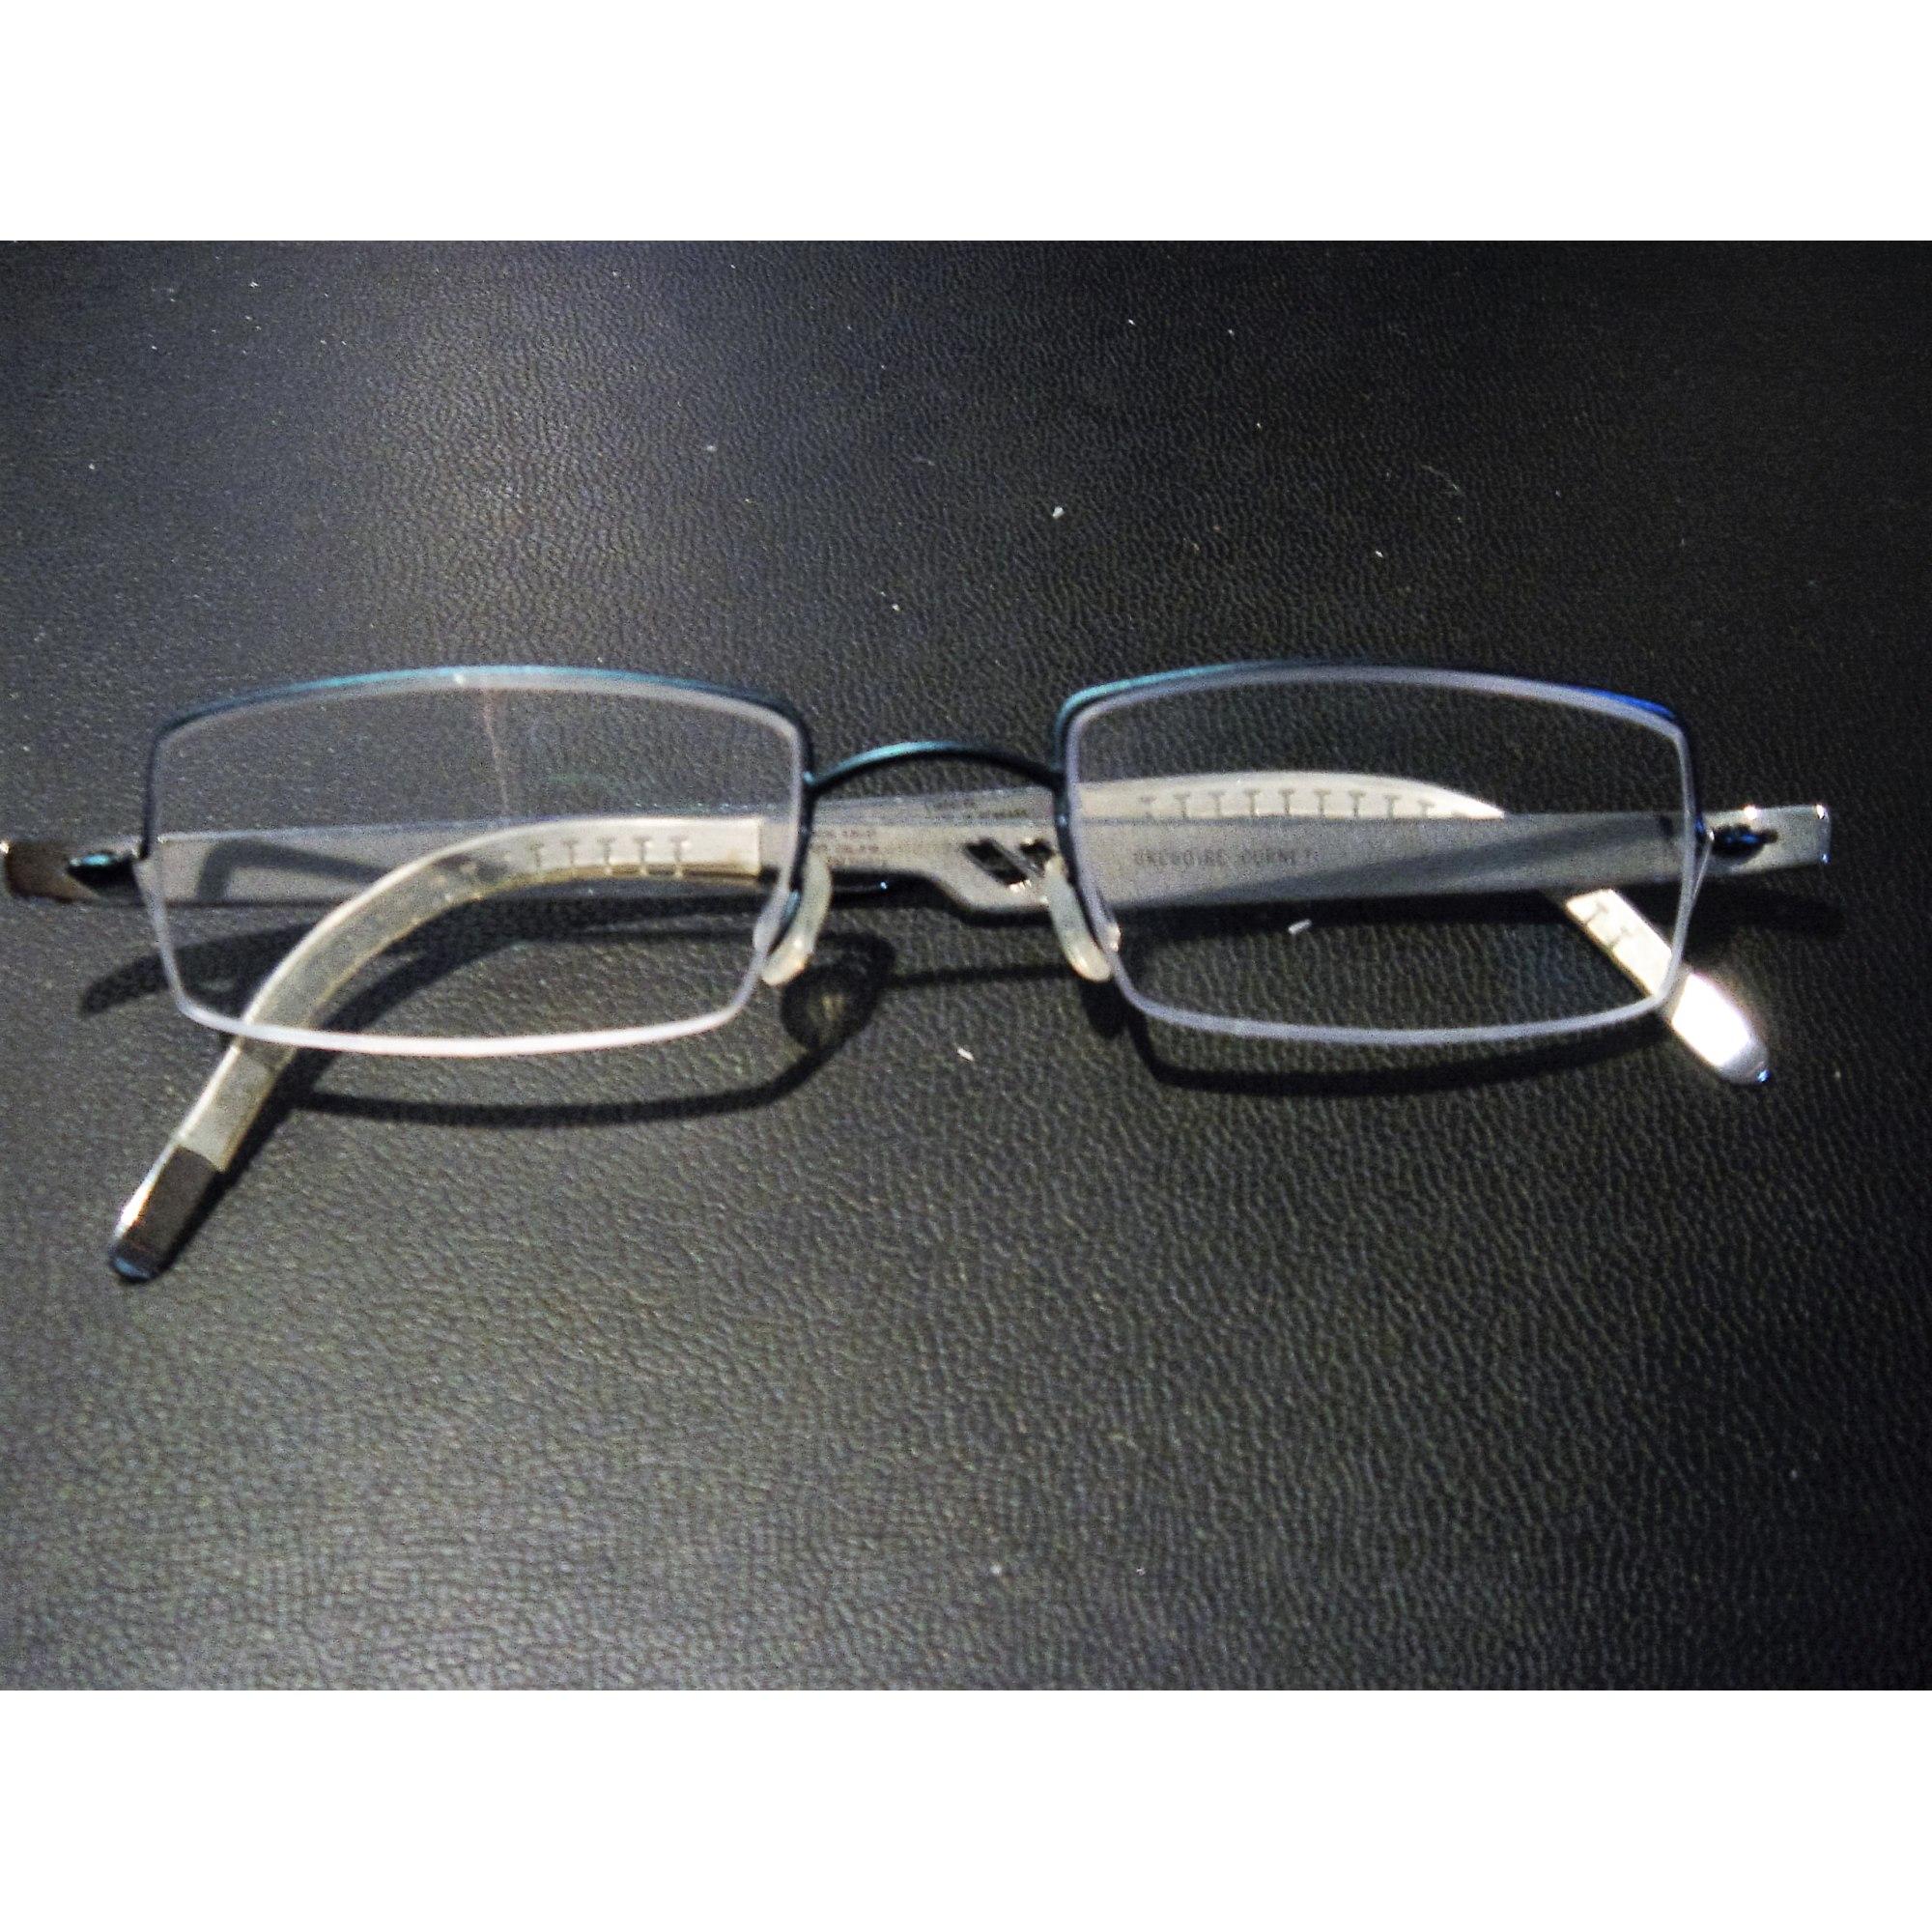 c86cd5c31d887 Monture de lunettes LINDBERG   SONS 13-14 ans bleu - 4829072